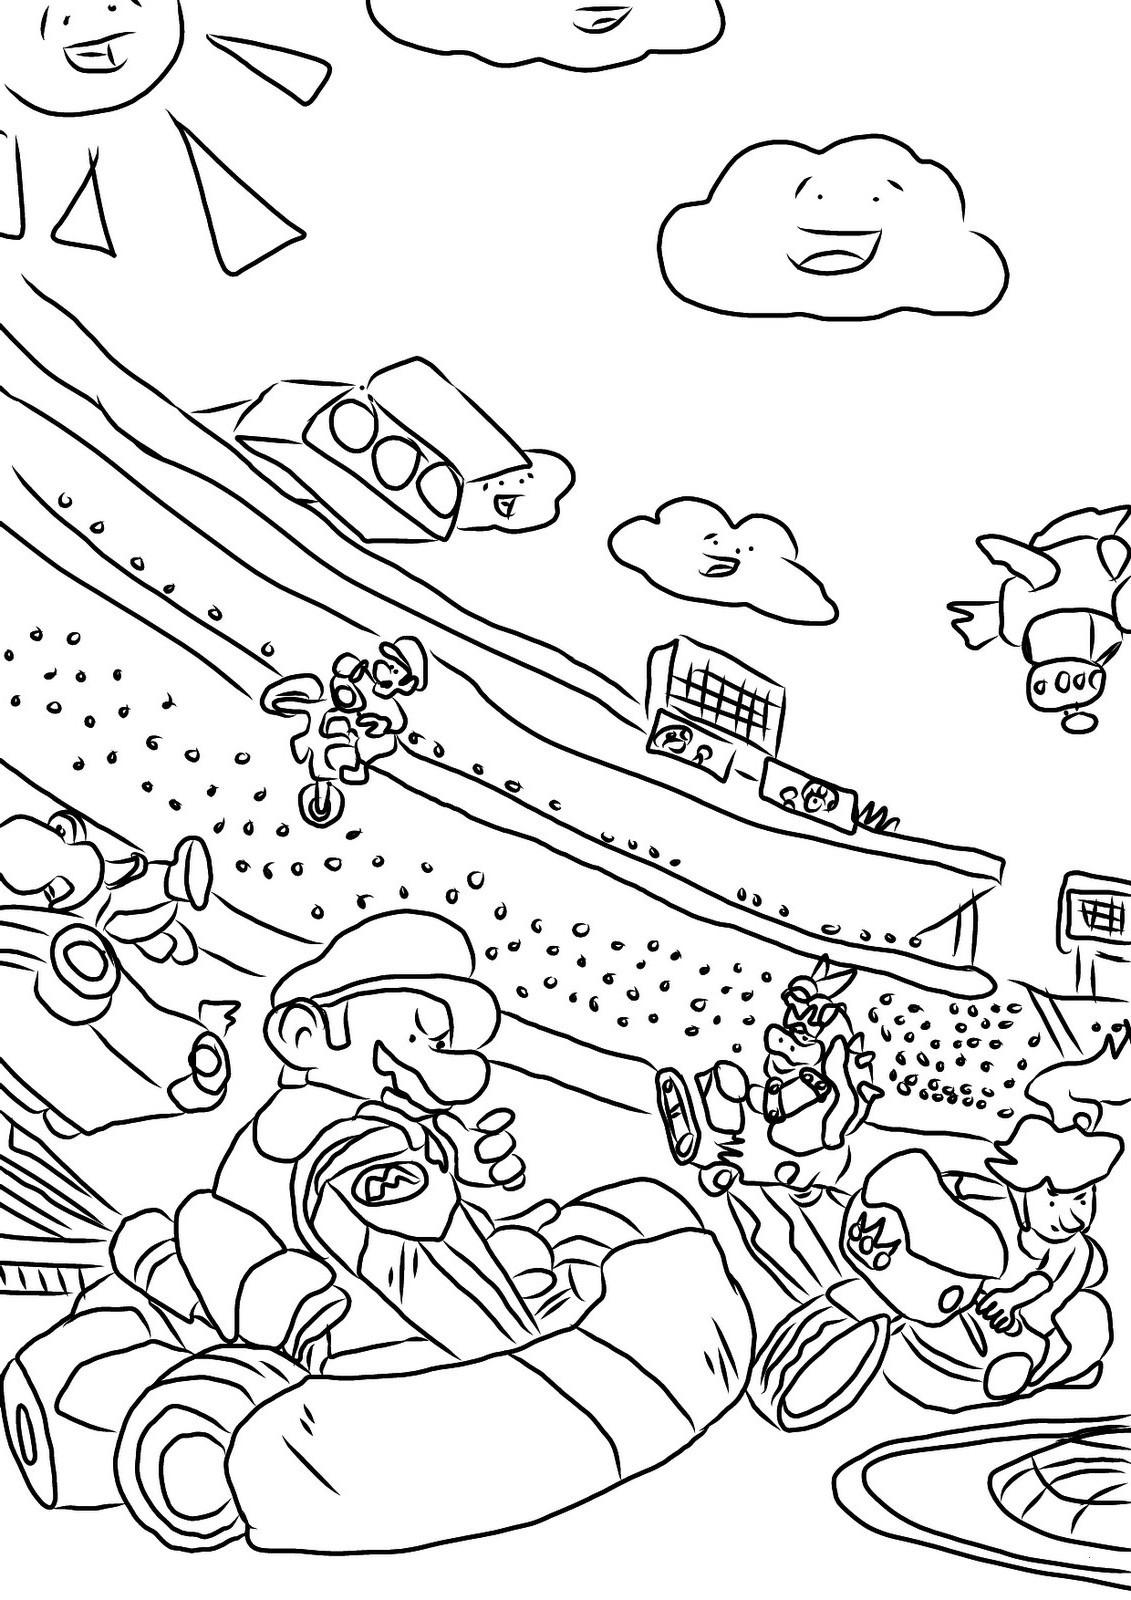 Mario Kart Ausmalbilder Genial 34 Schön Mario Ausmalbilder – Malvorlagen Ideen Galerie